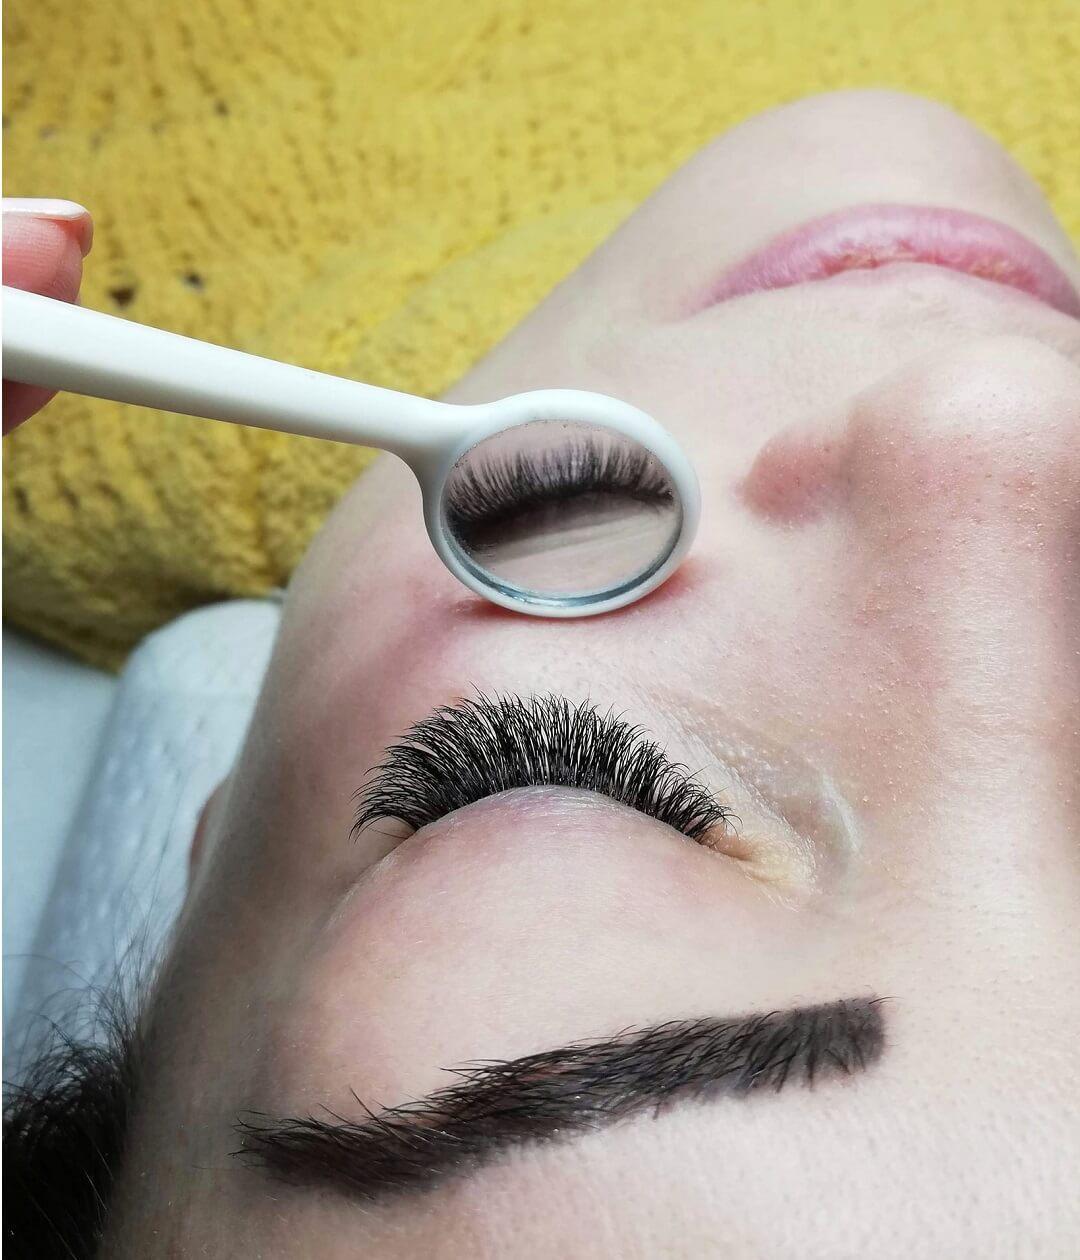 Przedłużanie rzęs warszawa widok twarzy oraz małego białego lusterka, który pokazuje efekt pracy kosmetyczki